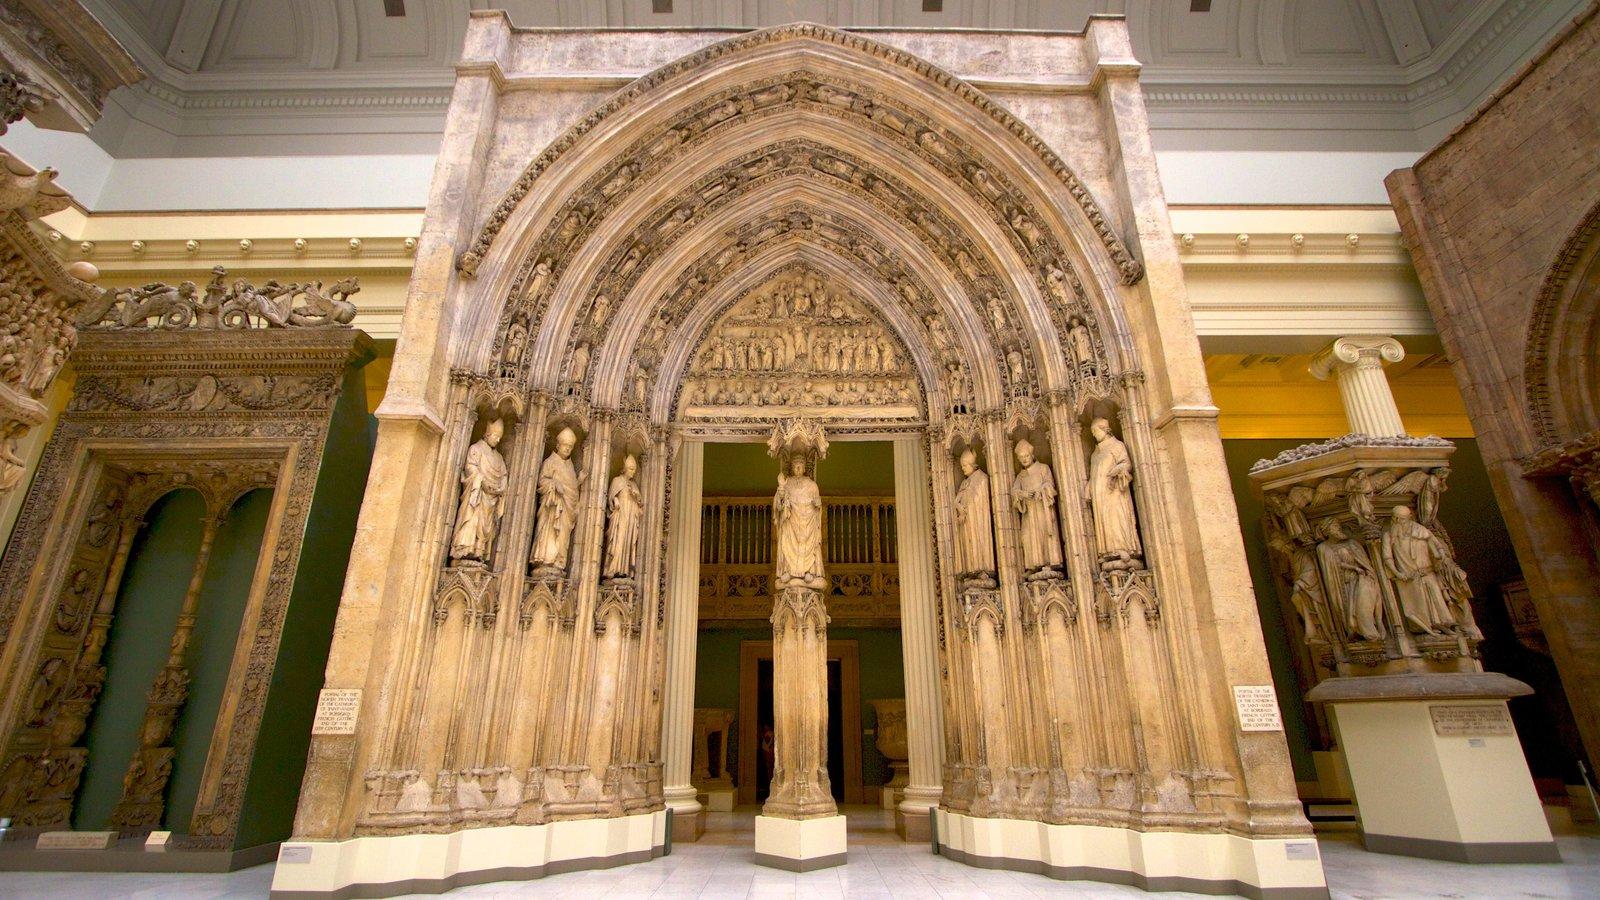 Carnegie Museum of Art mostrando elementos religiosos, arquitetura de patrimônio e vistas internas